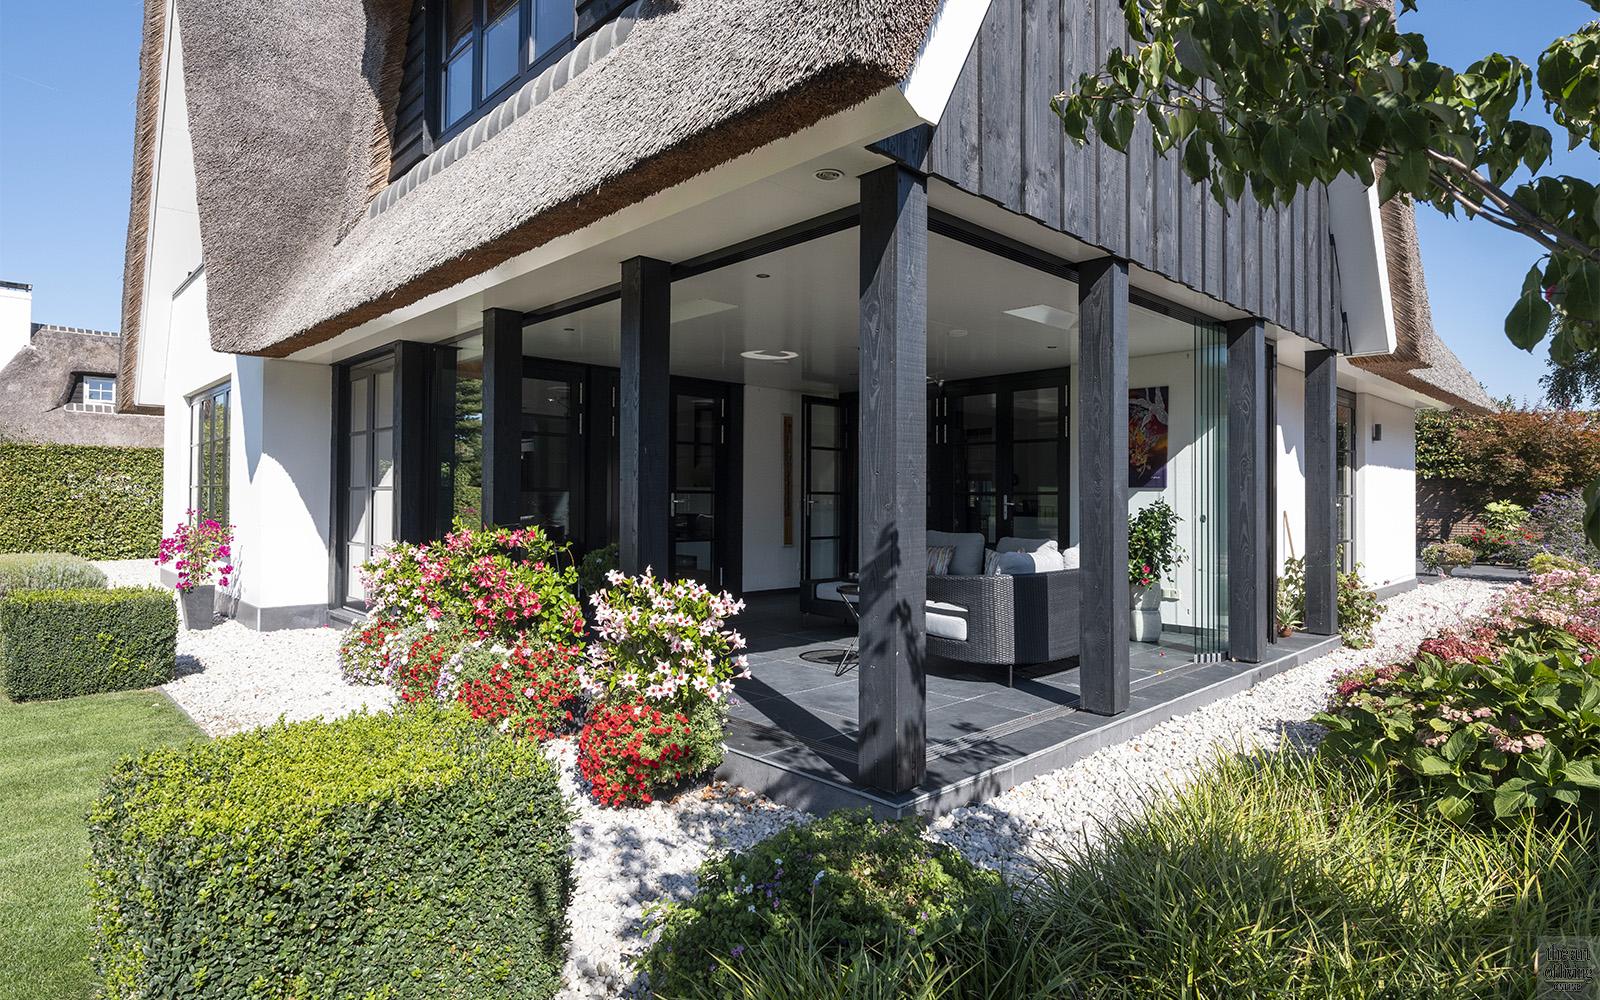 Luxe overkapping, Veranda, Terras, Buitenruimte, Terras indeling, Buiten meubelen, Outdoor furniture